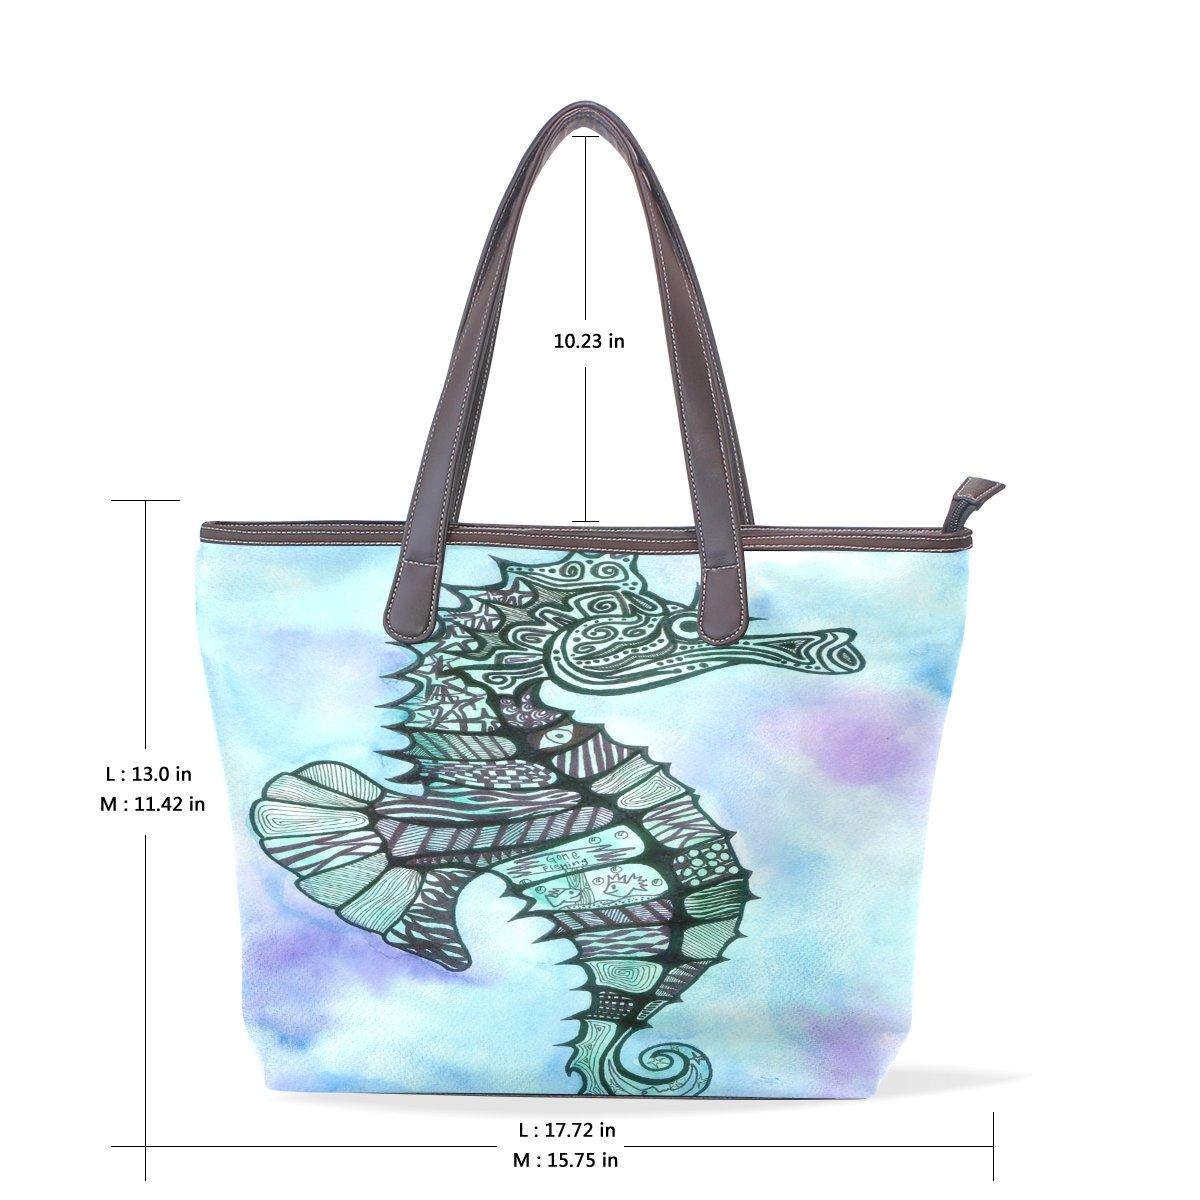 Mr.Weng Household Paint The Hippocampus Lady Handbag Tote Bag Zipper Shoulder Bag